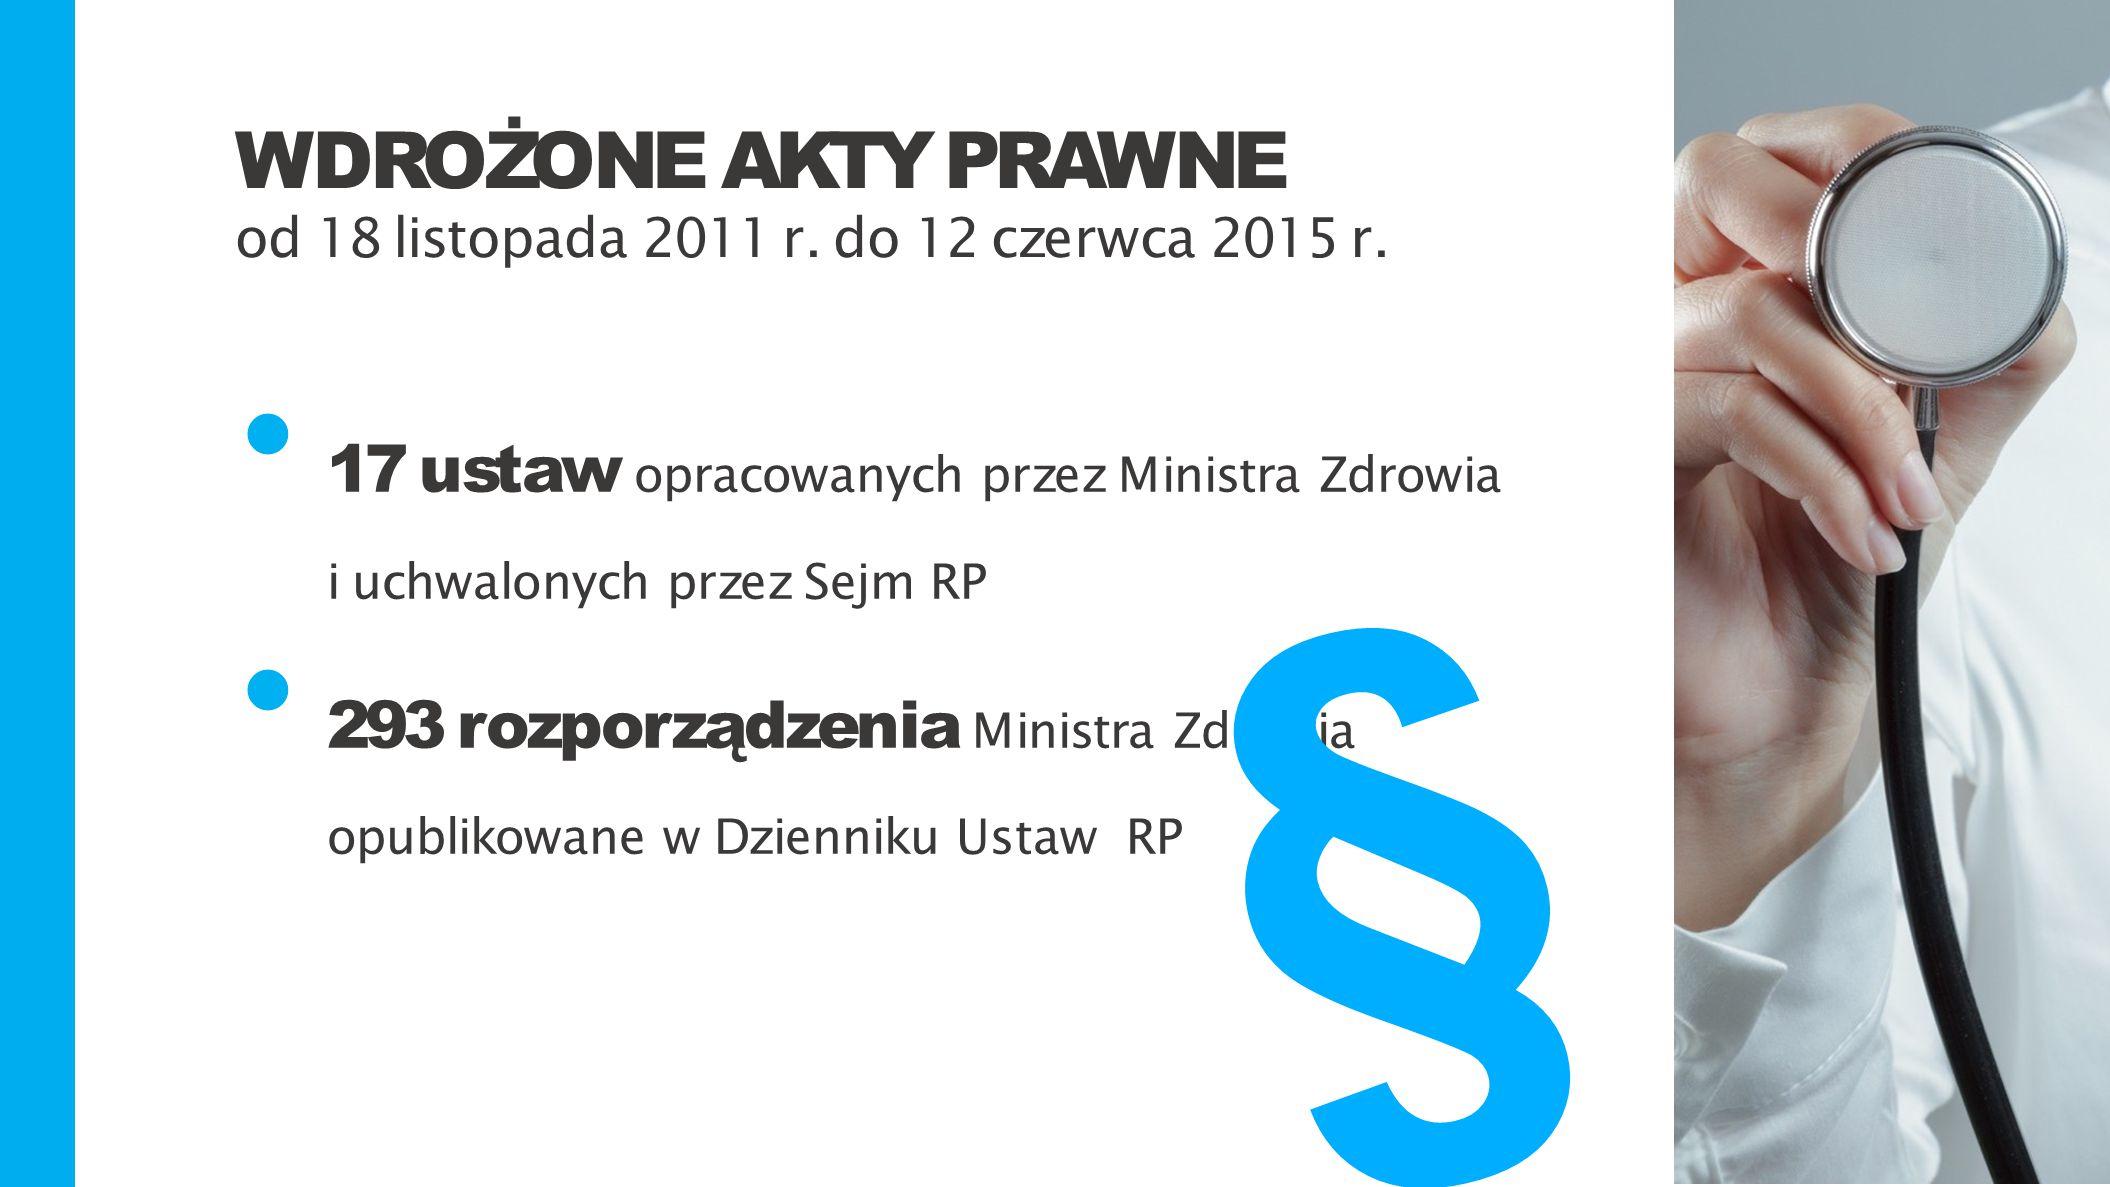 17 ustaw opracowanych przez Ministra Zdrowia i uchwalonych przez Sejm RP 293 rozporządzenia Ministra Zdrowia opublikowane w Dzienniku UstawRP WDROŻONE